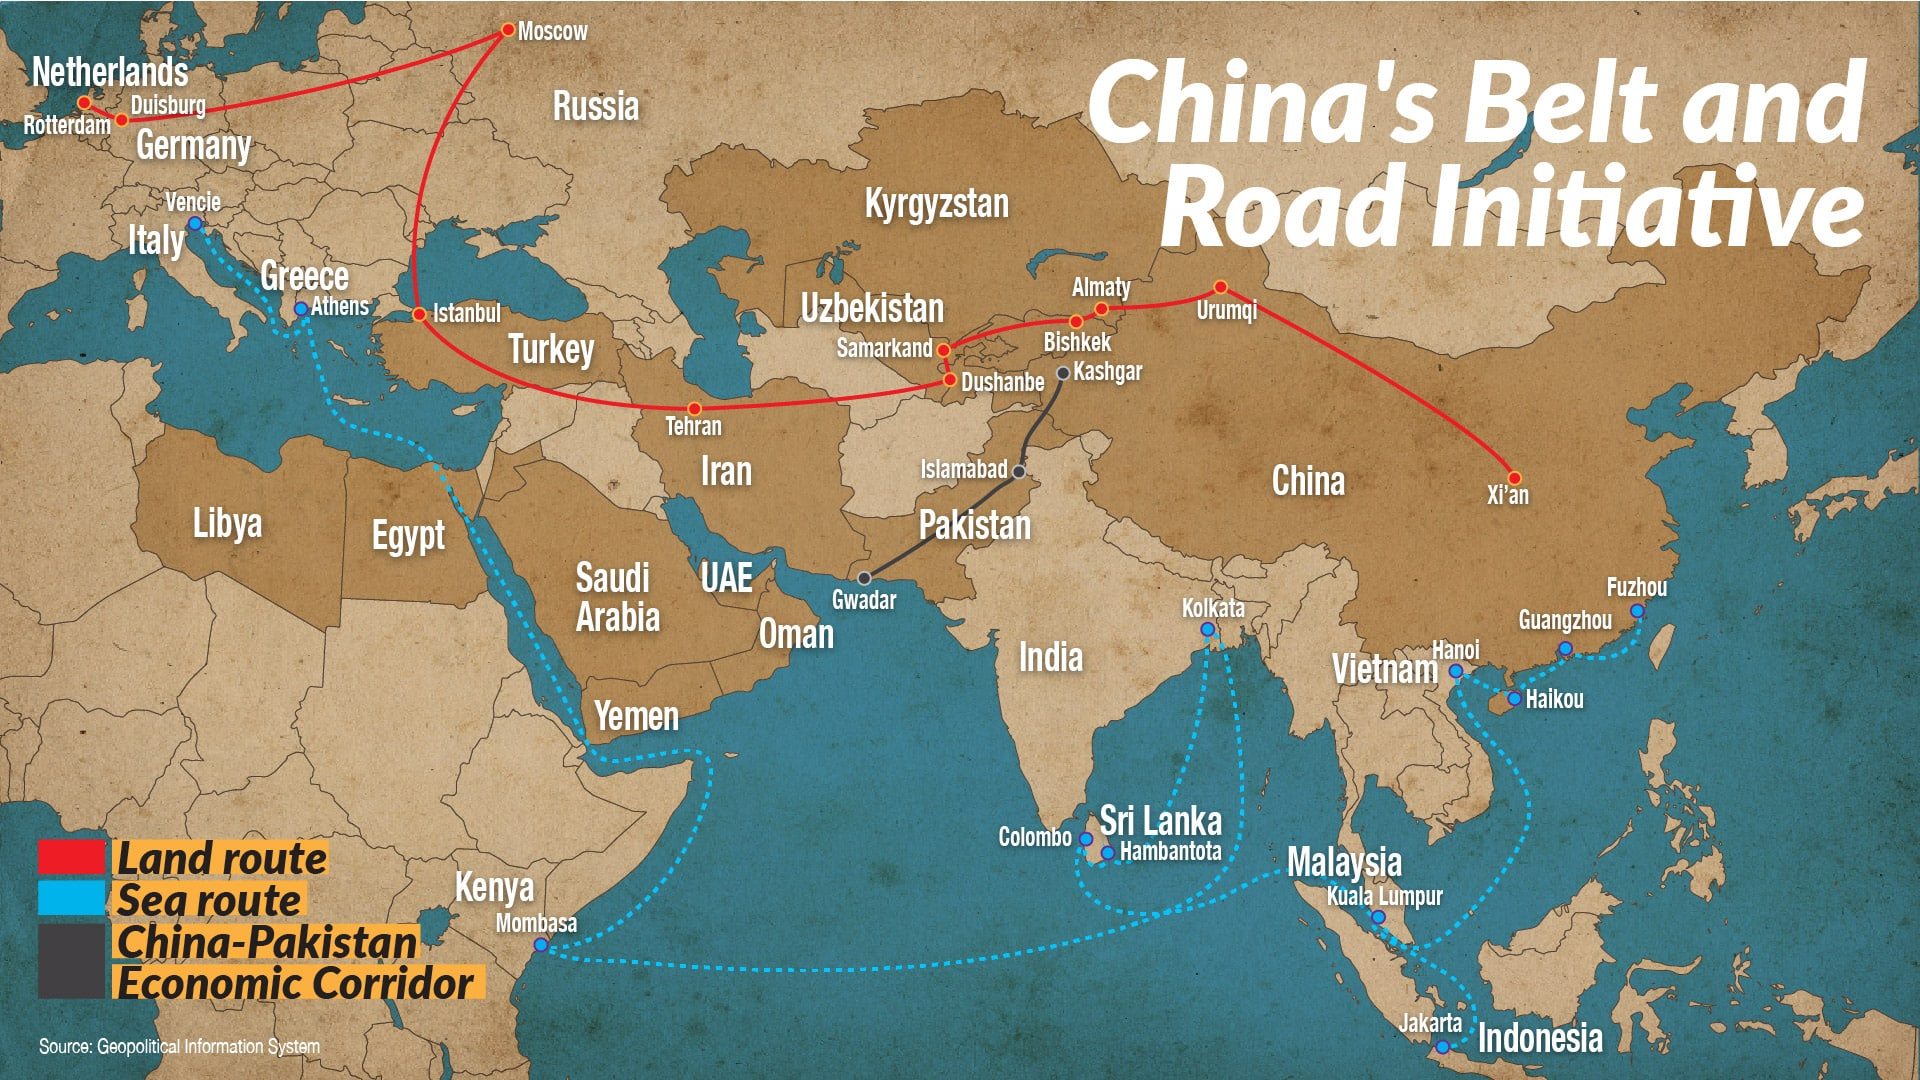 تأثير أزمة فيروس كورونا على طريق الحرير الجديد من الصين